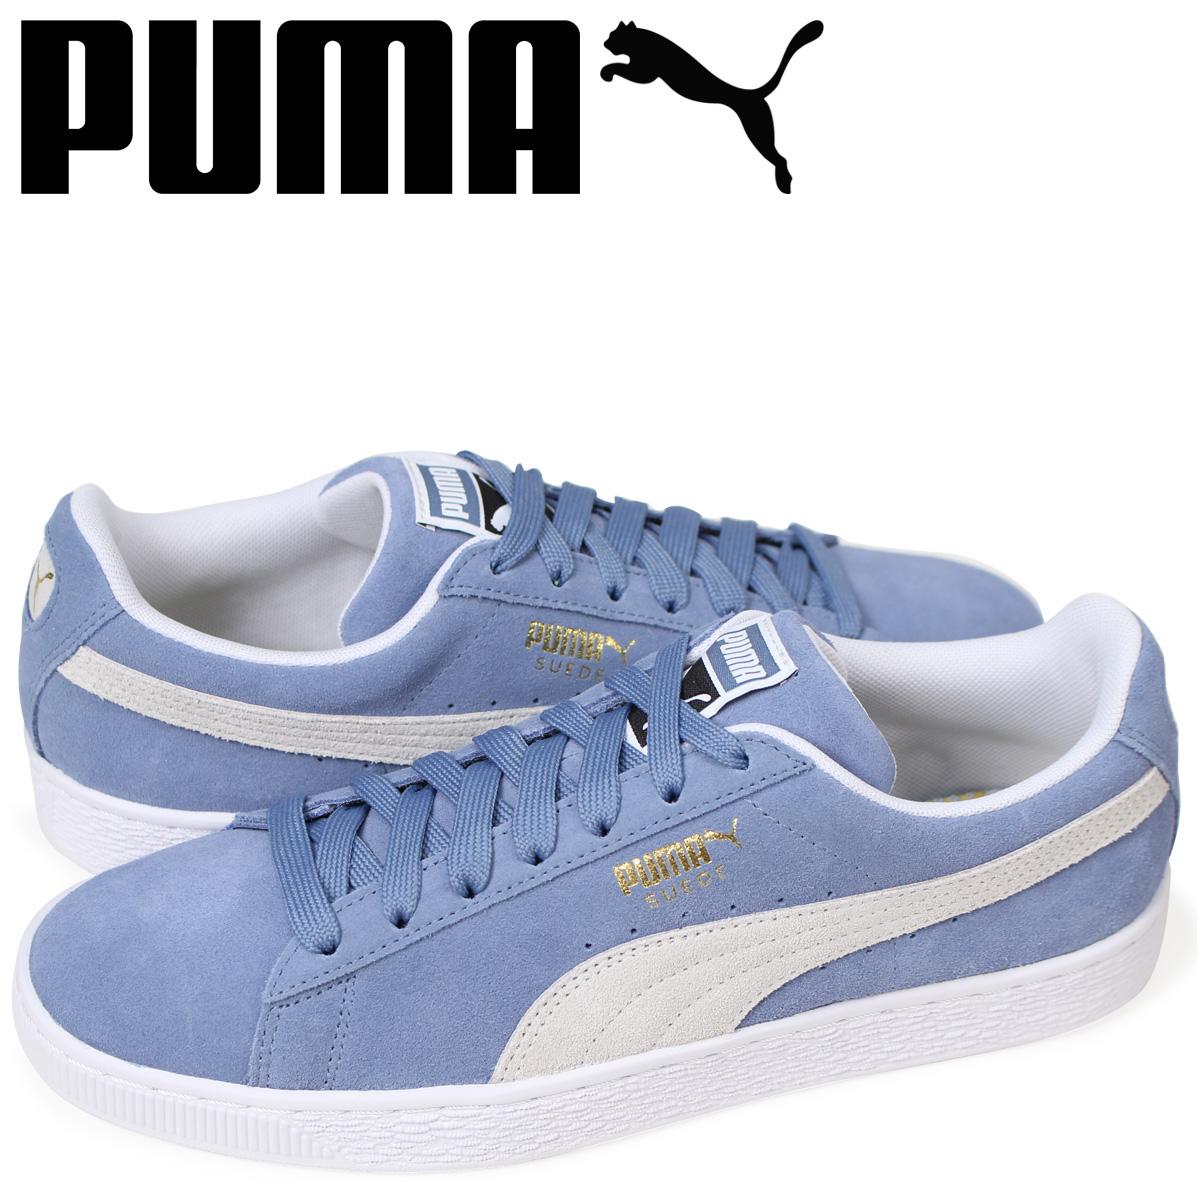 45bfe57cc1a SneaK Online Shop  Puma PUMA suede classical music sneakers men ...